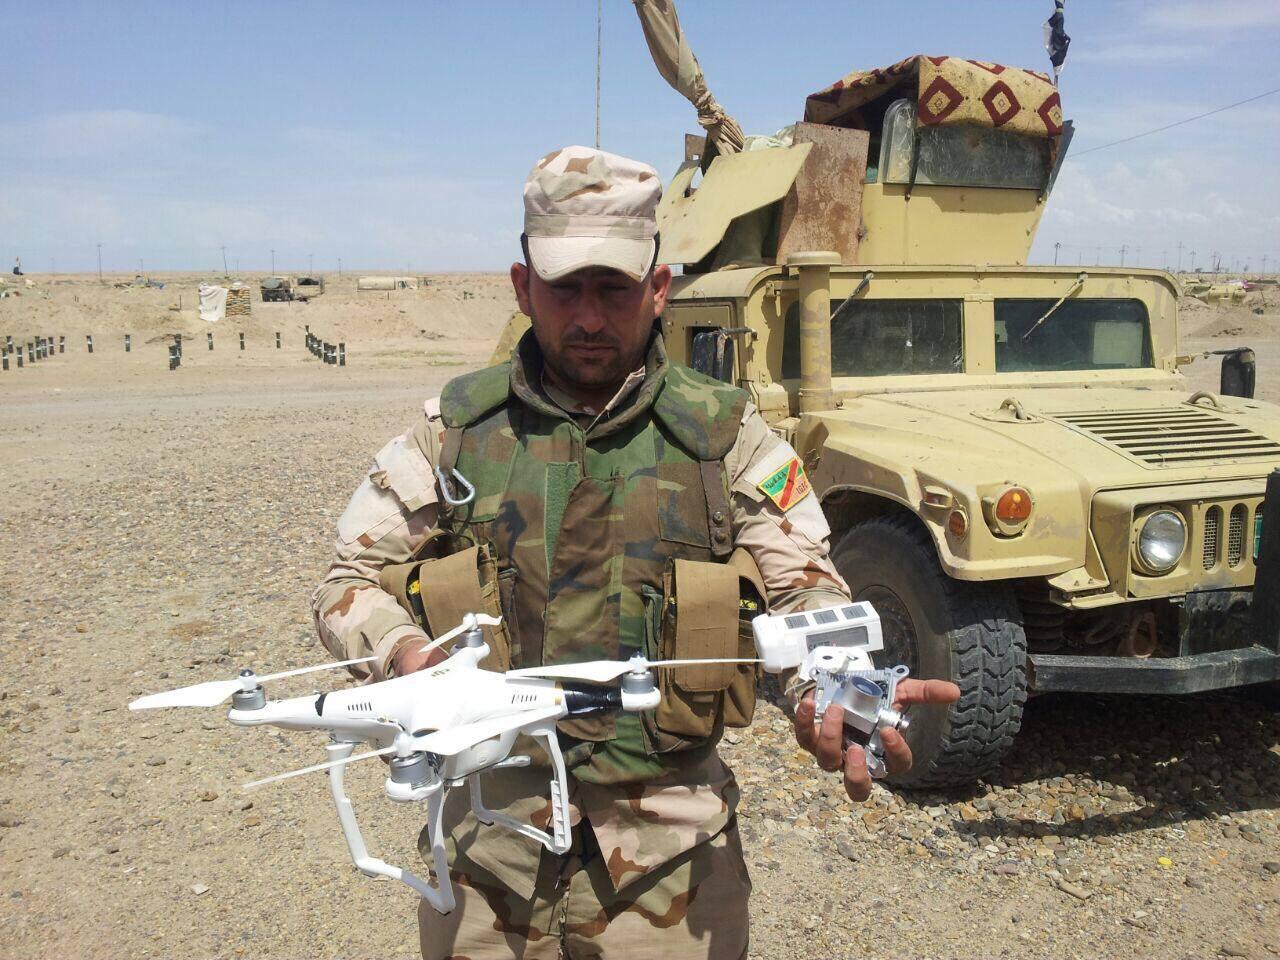 635963378463931833-MAR-Iraq-drone-2.JPG